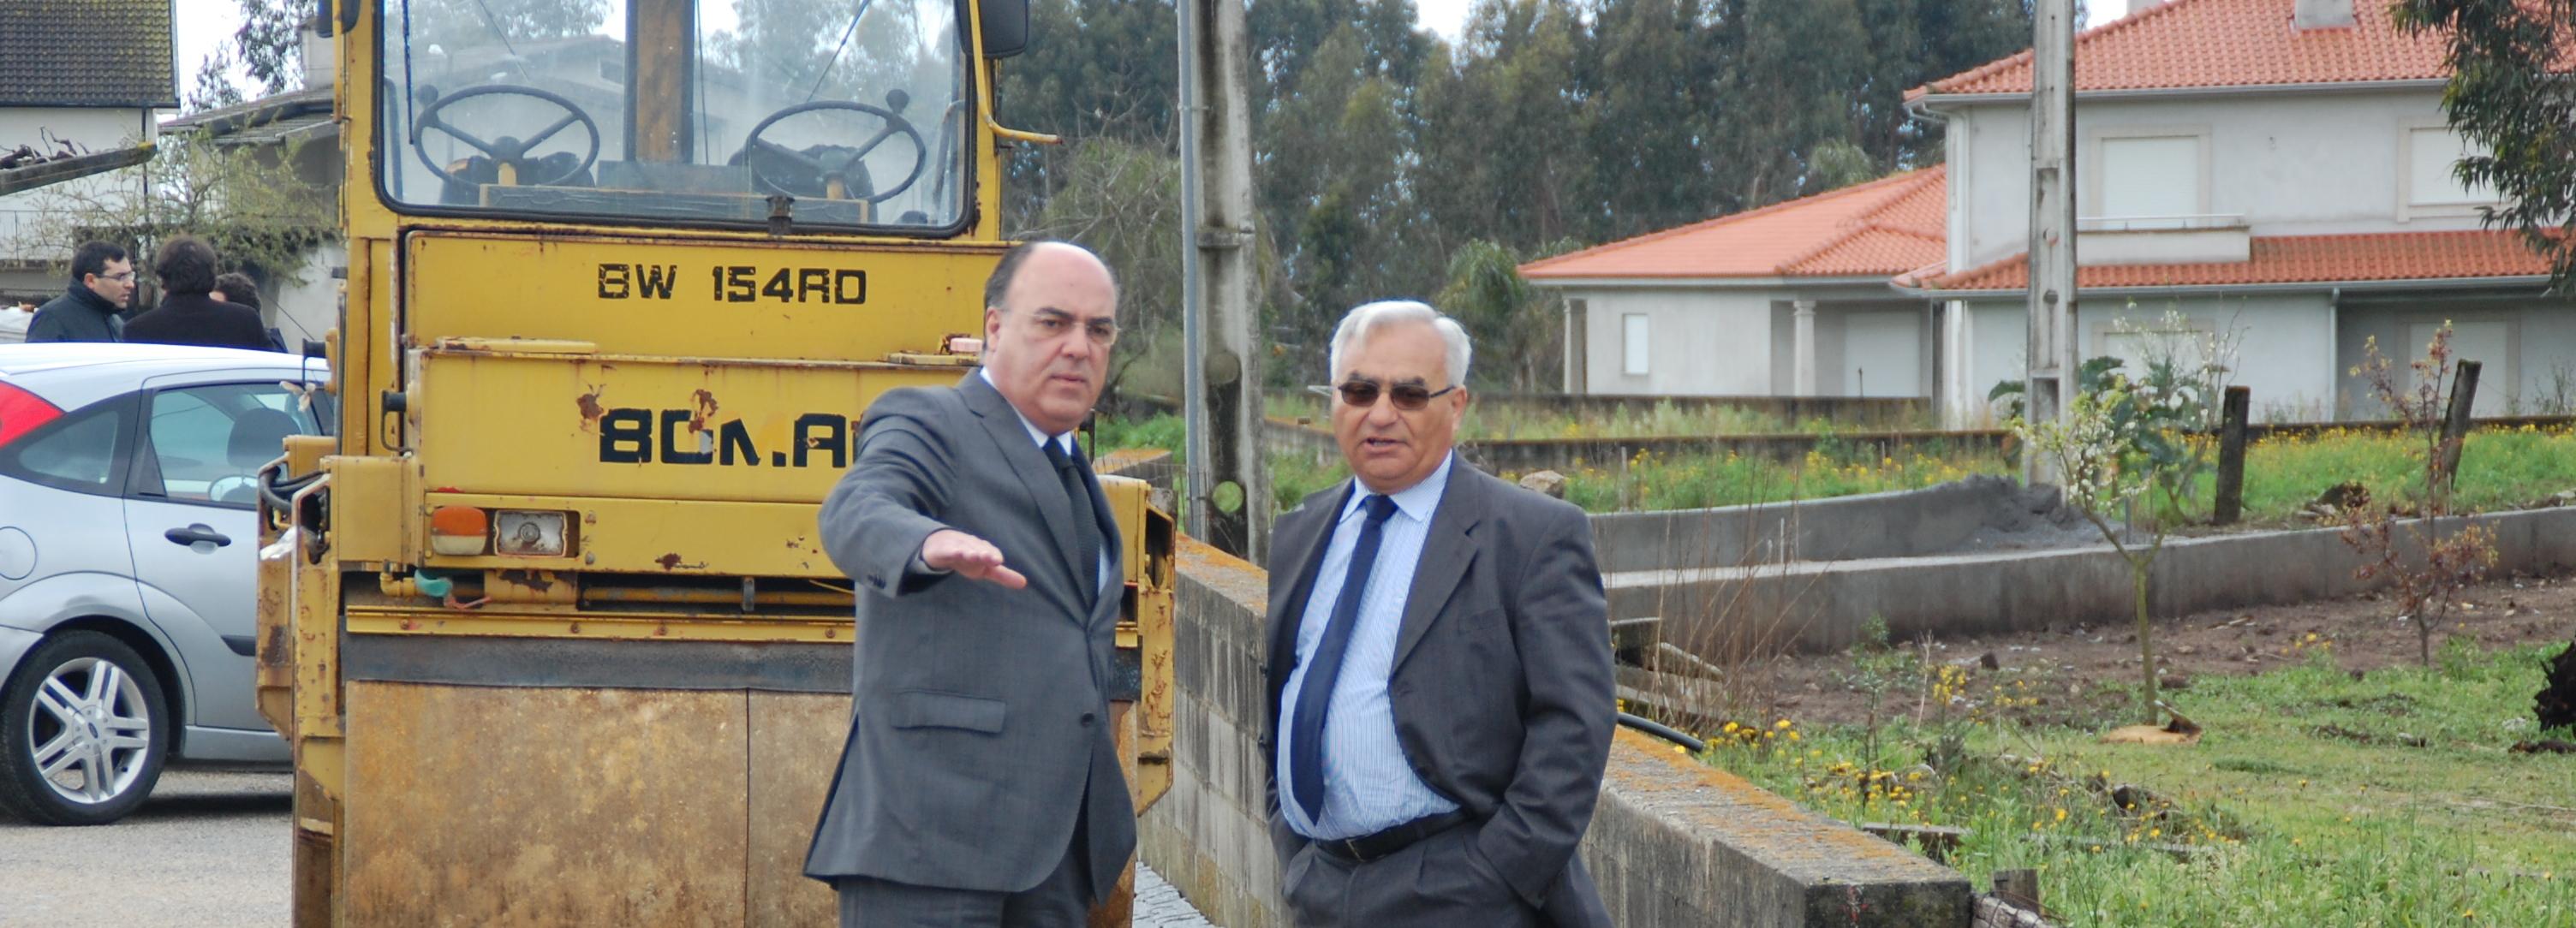 Presidente da Câmara lançou primeira pedra da casa mortuária e visitou obras em Vila Seca